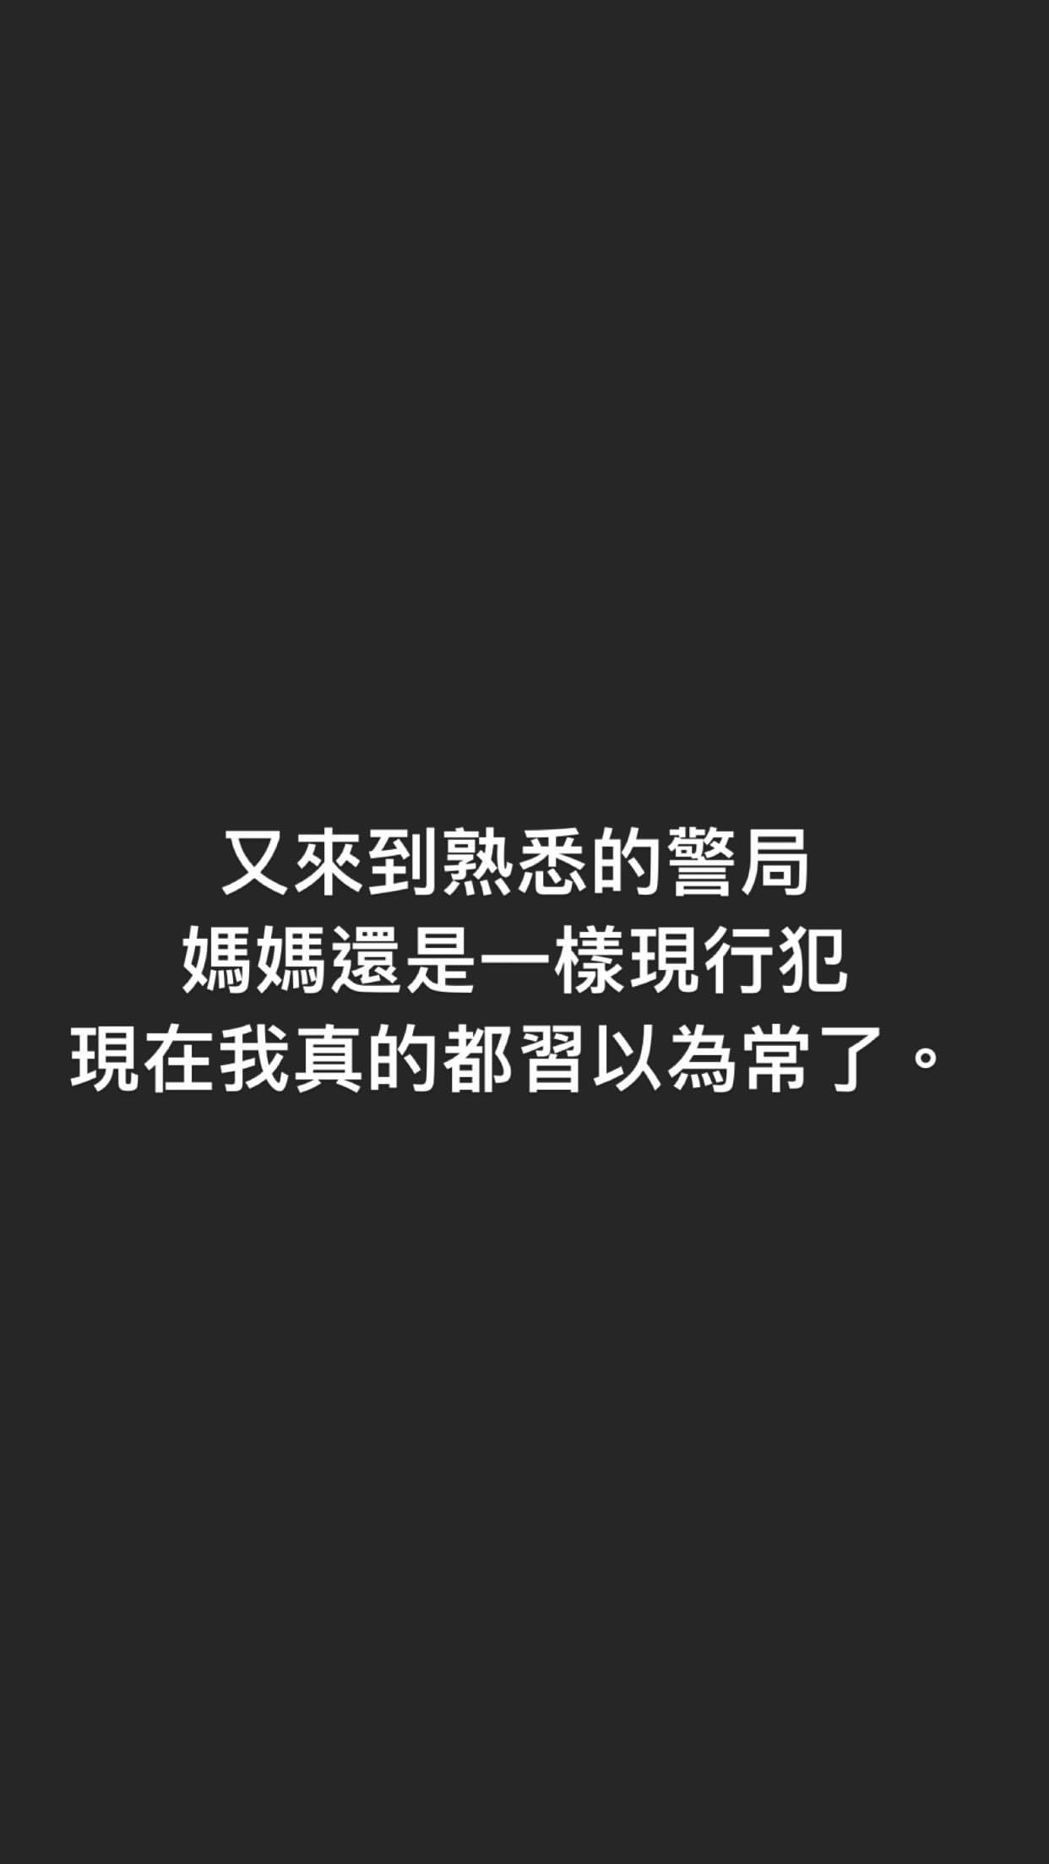 孫生無奈吐露媽媽再次被抓進警局。 圖/擷自孫生IG